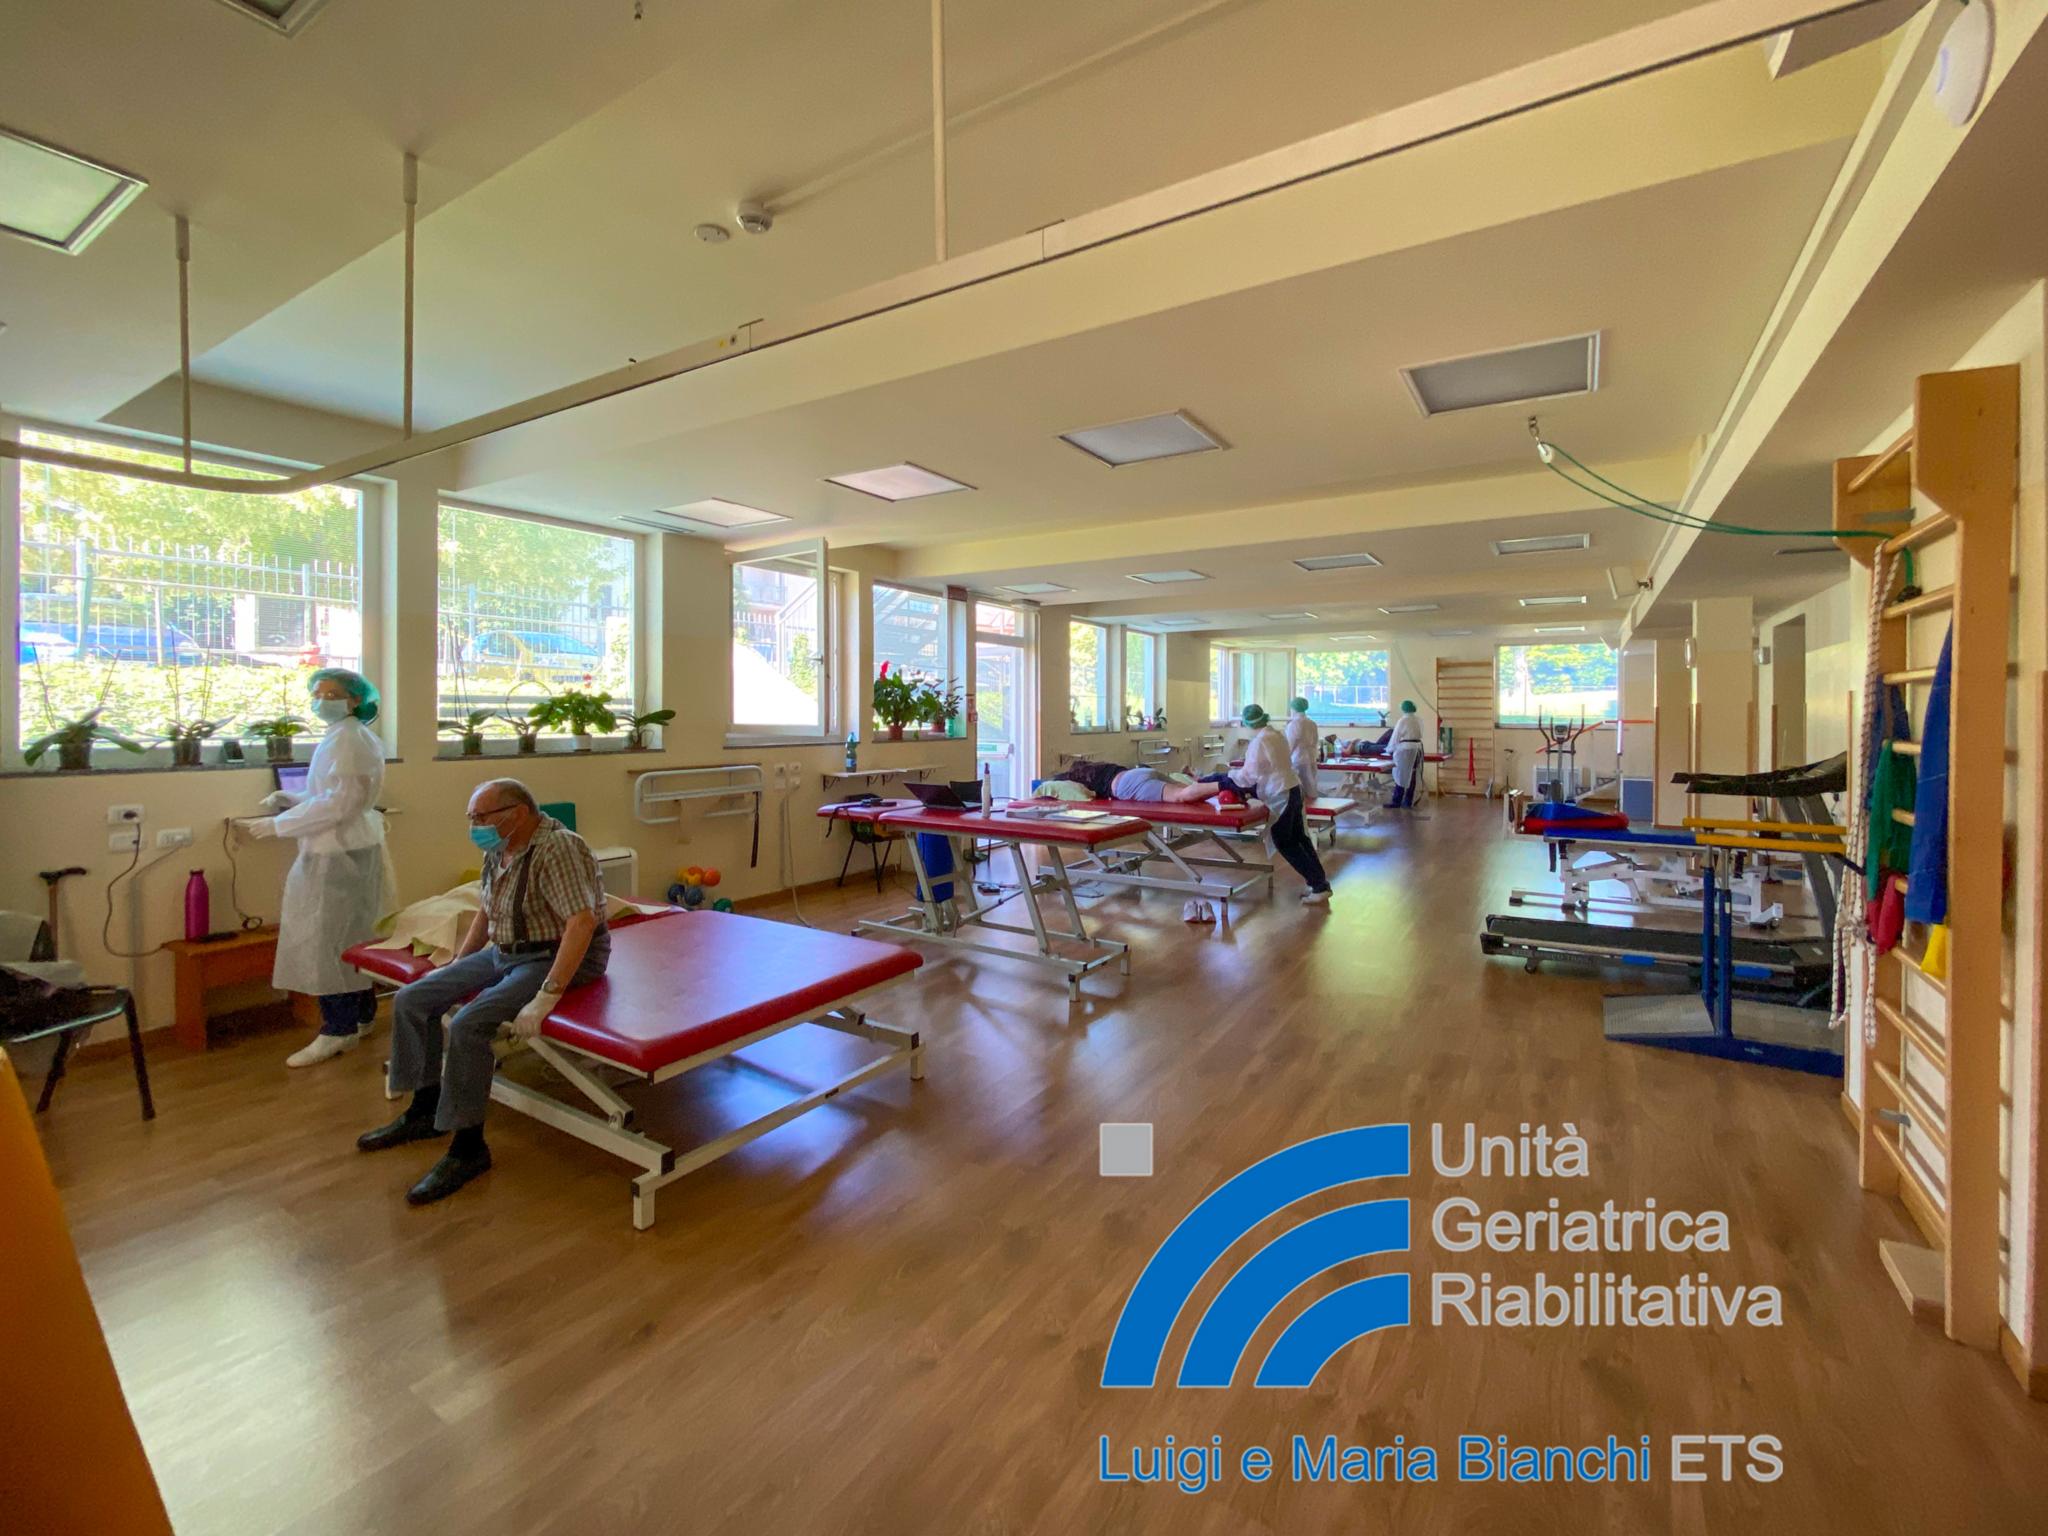 Il servizio di riabilitazione per gli utenti esterni è attivo nel rispetto della normativa vigente con lo scopo di rendere sicuro ogni intervento terapeutico richiesto.